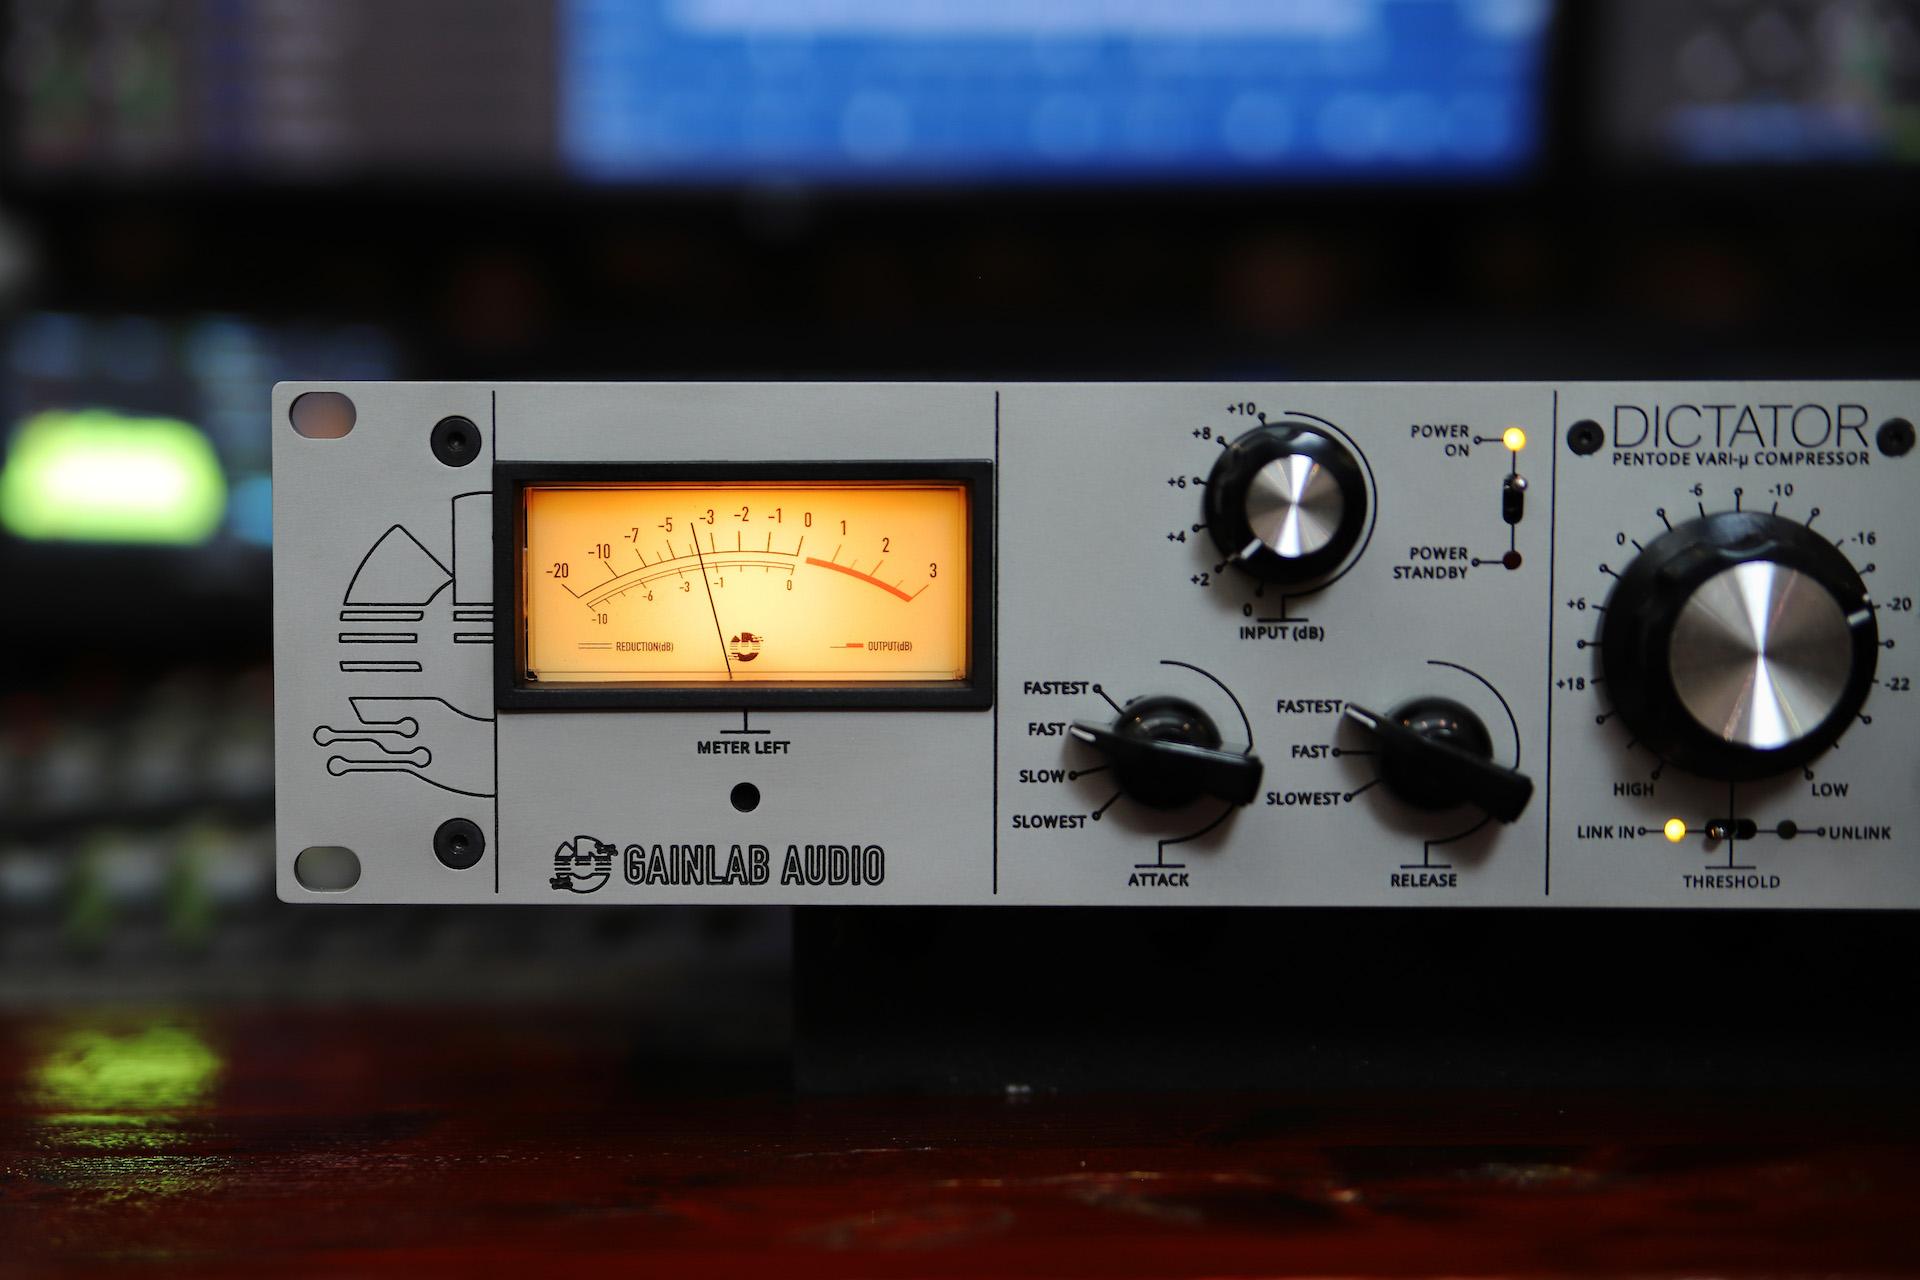 Gainlab Audio - Dictator